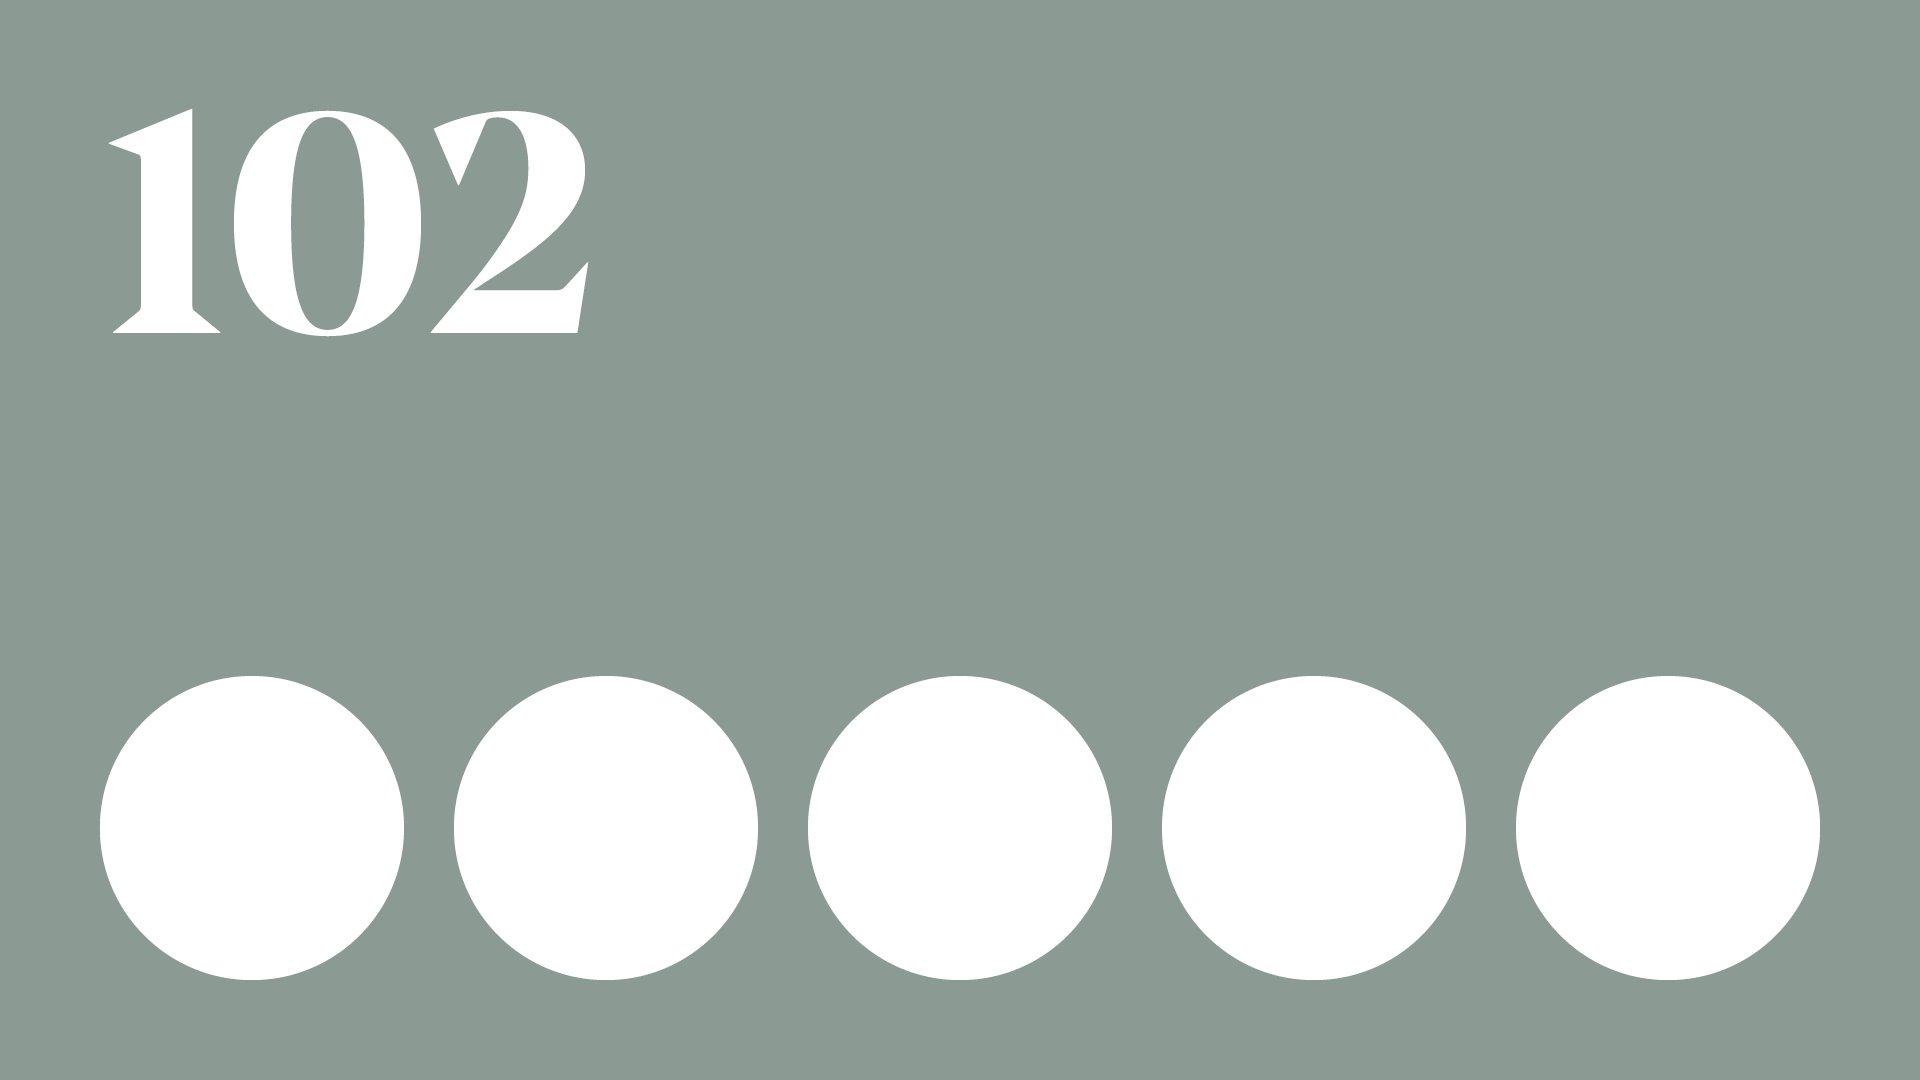 Aula de (Re)estrenos (102). Quinteto recuperado